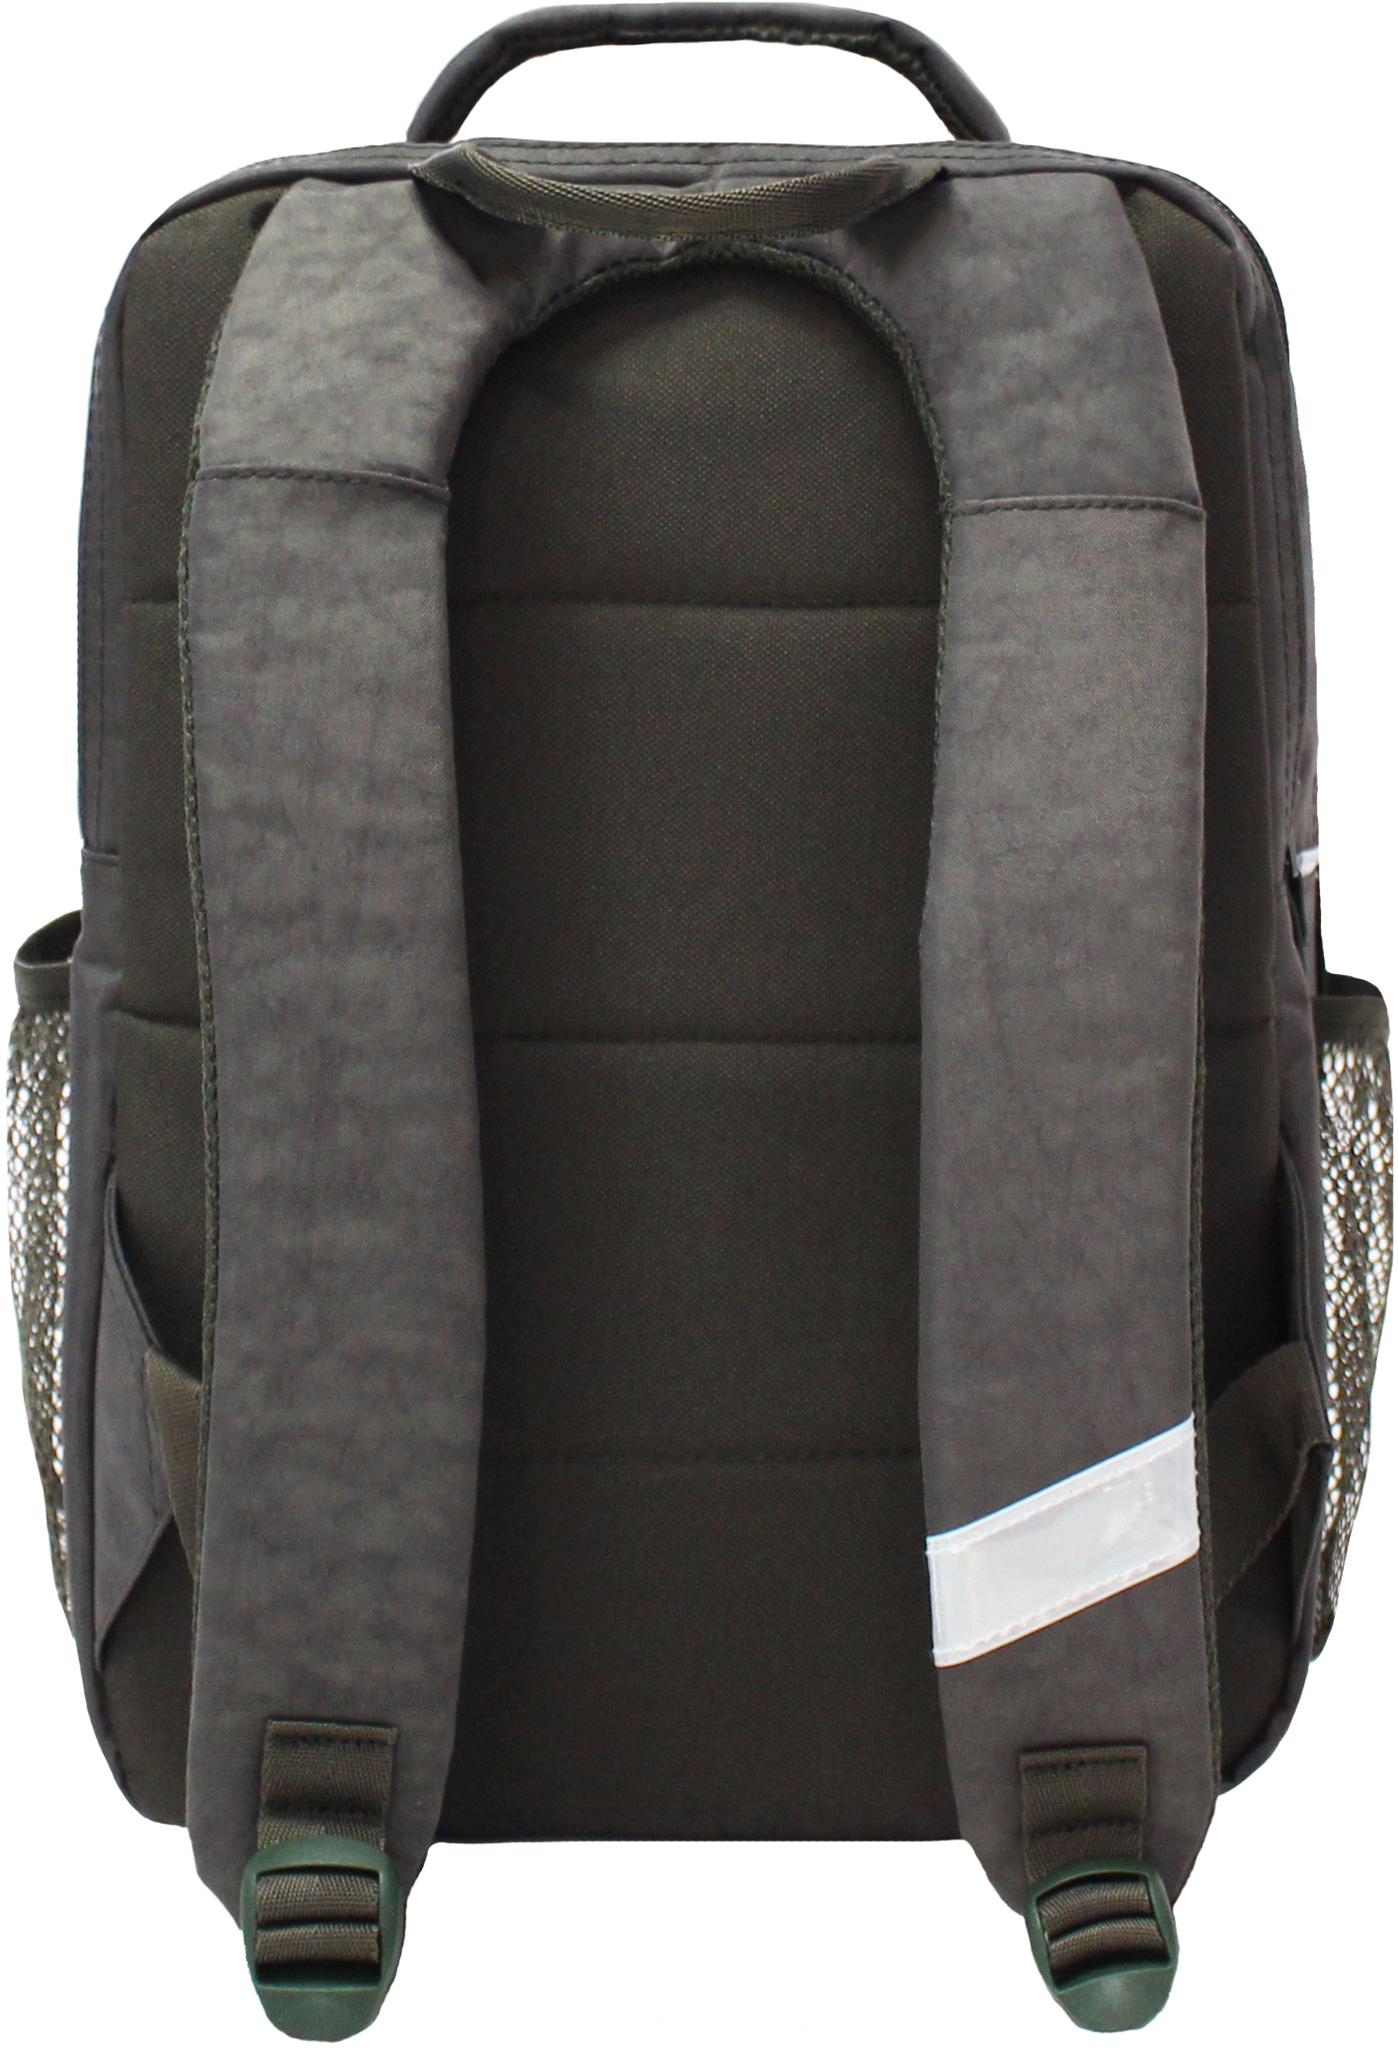 Рюкзак школьный Bagland Школьник 8 л. Хаки (54м) (00112702)